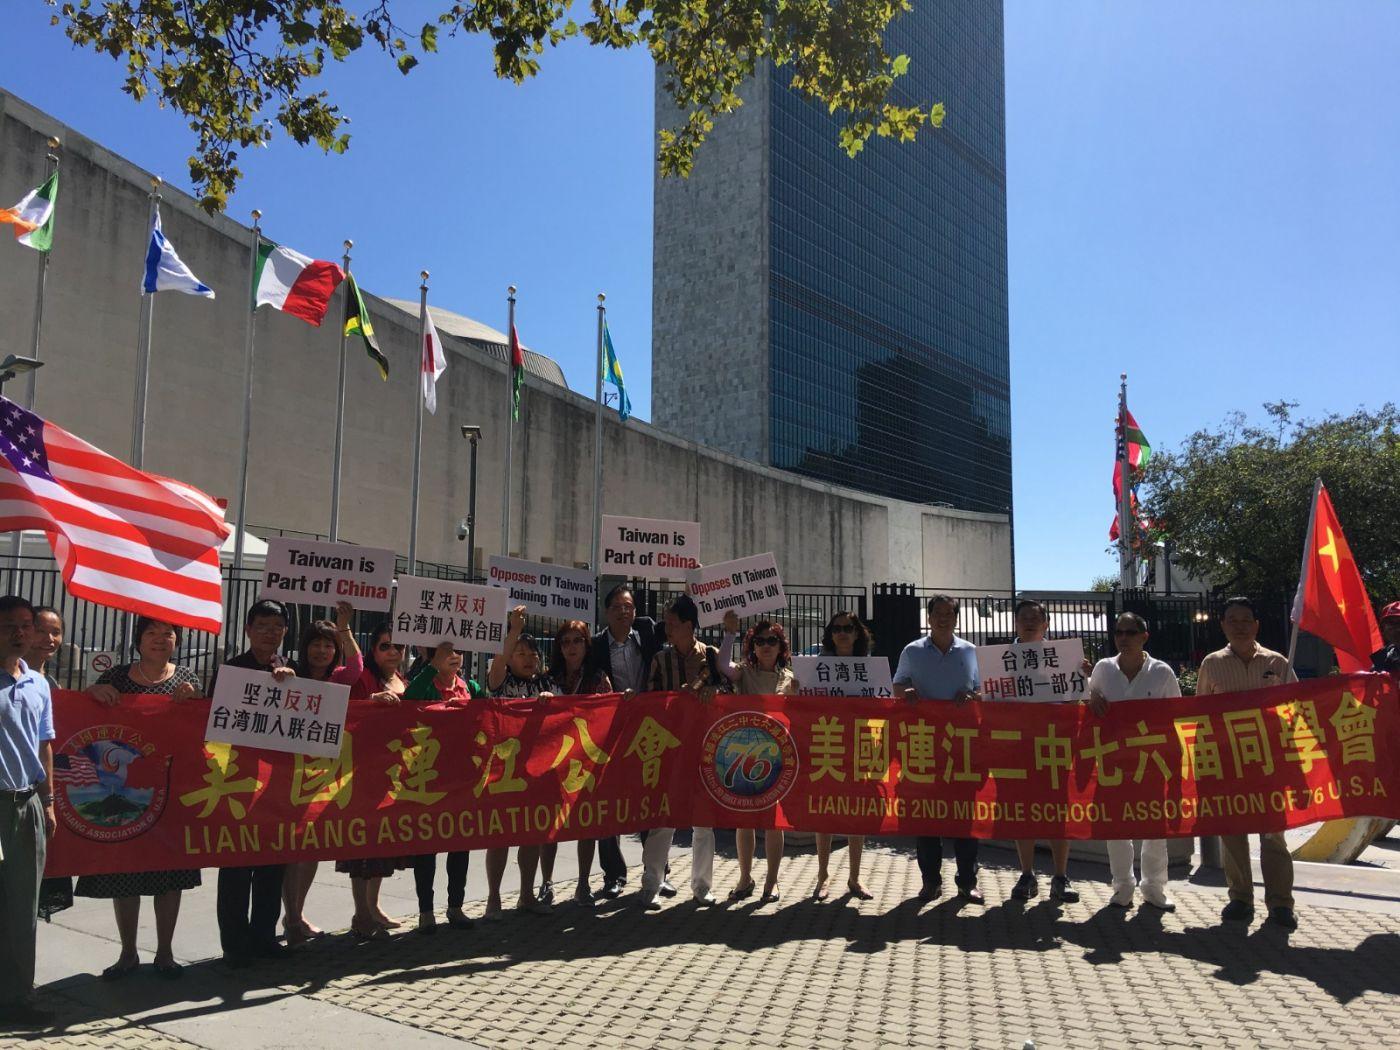 美國連江公會等坚决反对任何形式的台独言行_图1-10